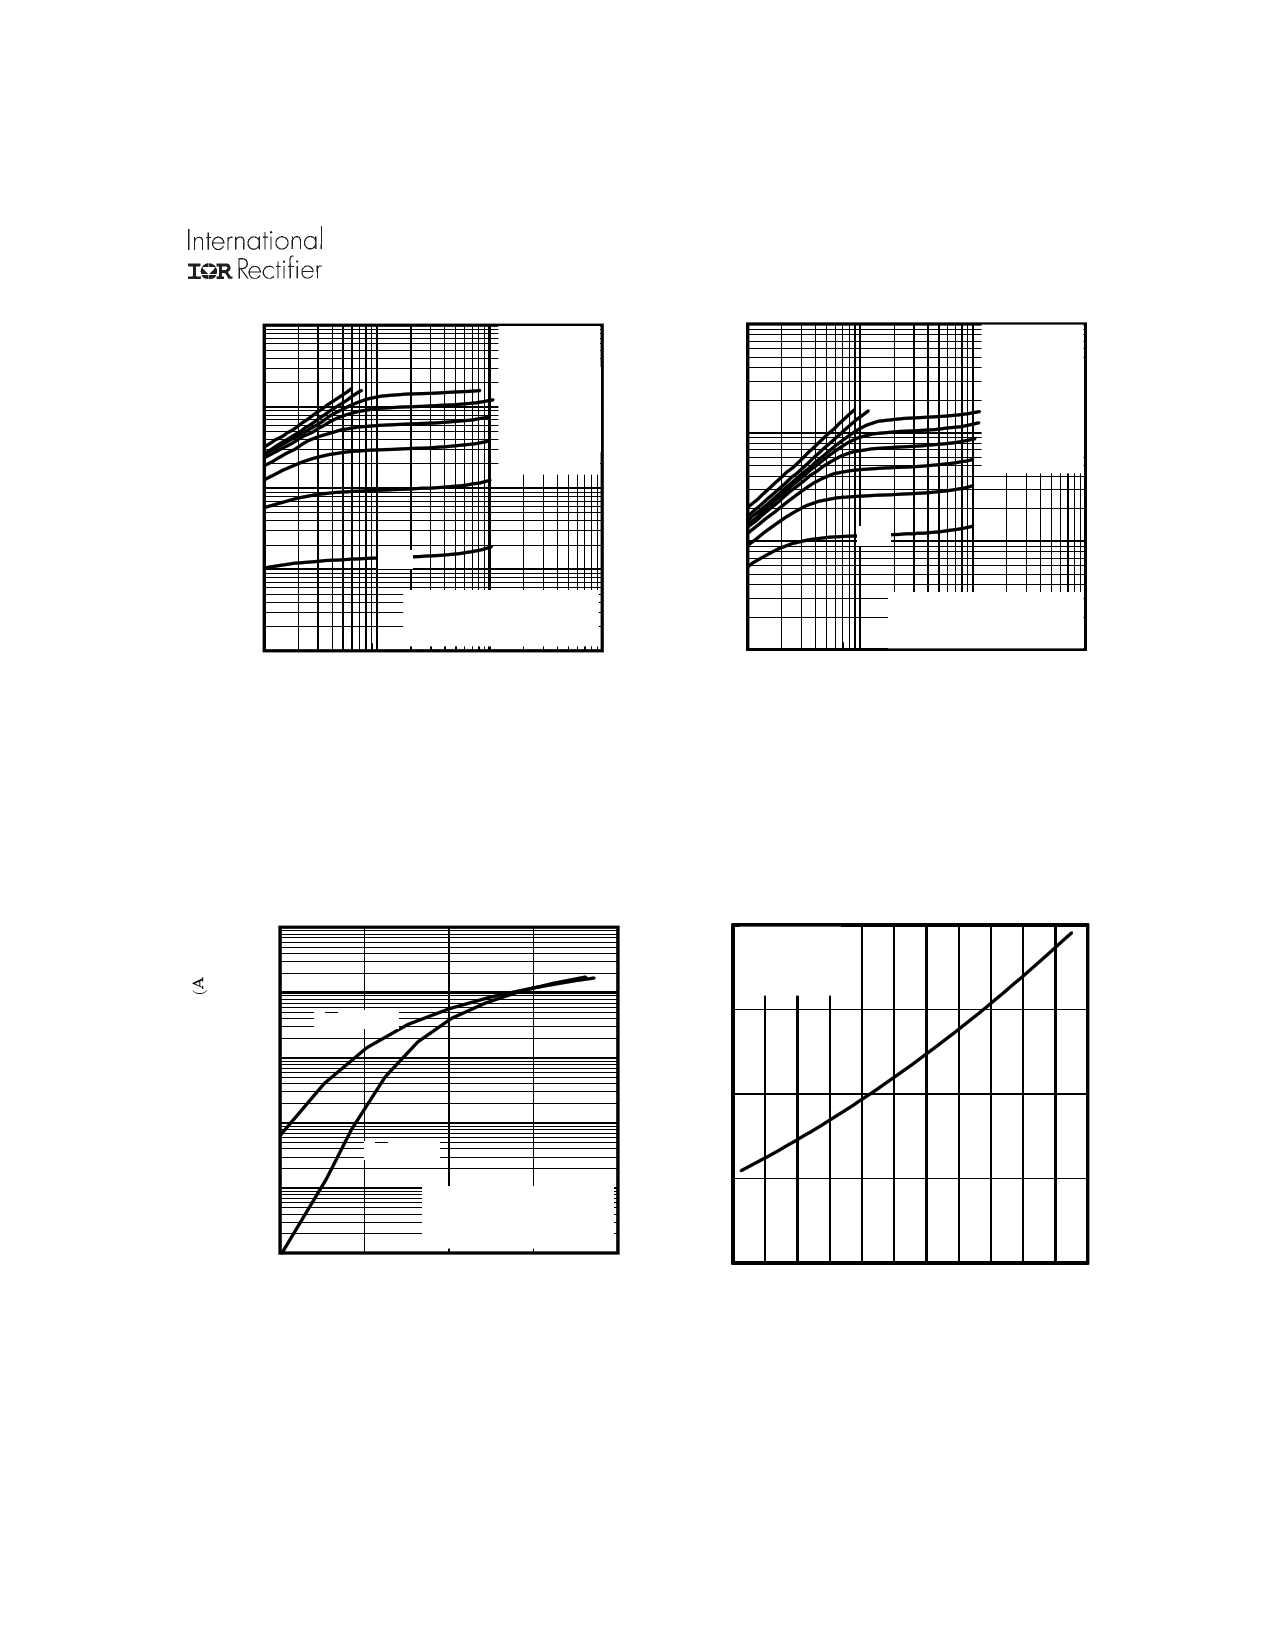 IRF7834 pdf, ピン配列